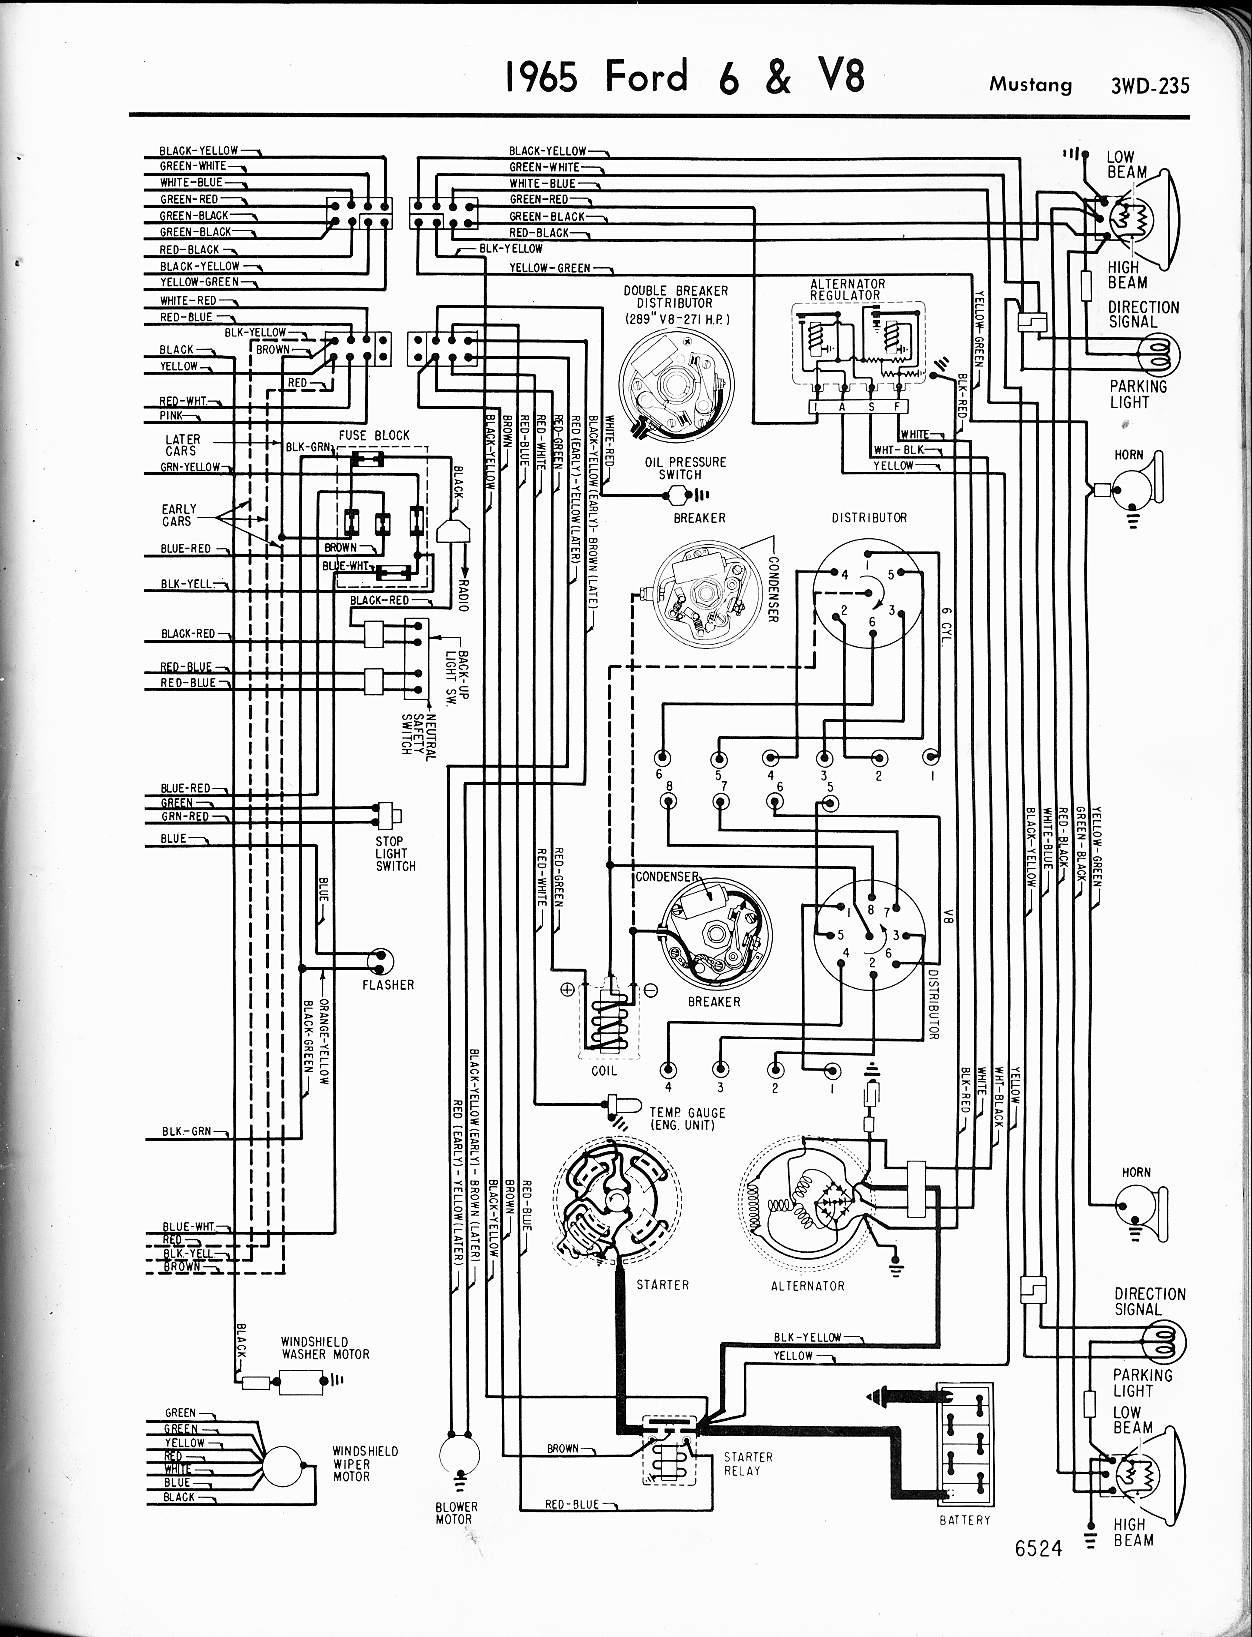 au falcon wiring diagram - efcaviation, Wiring diagram